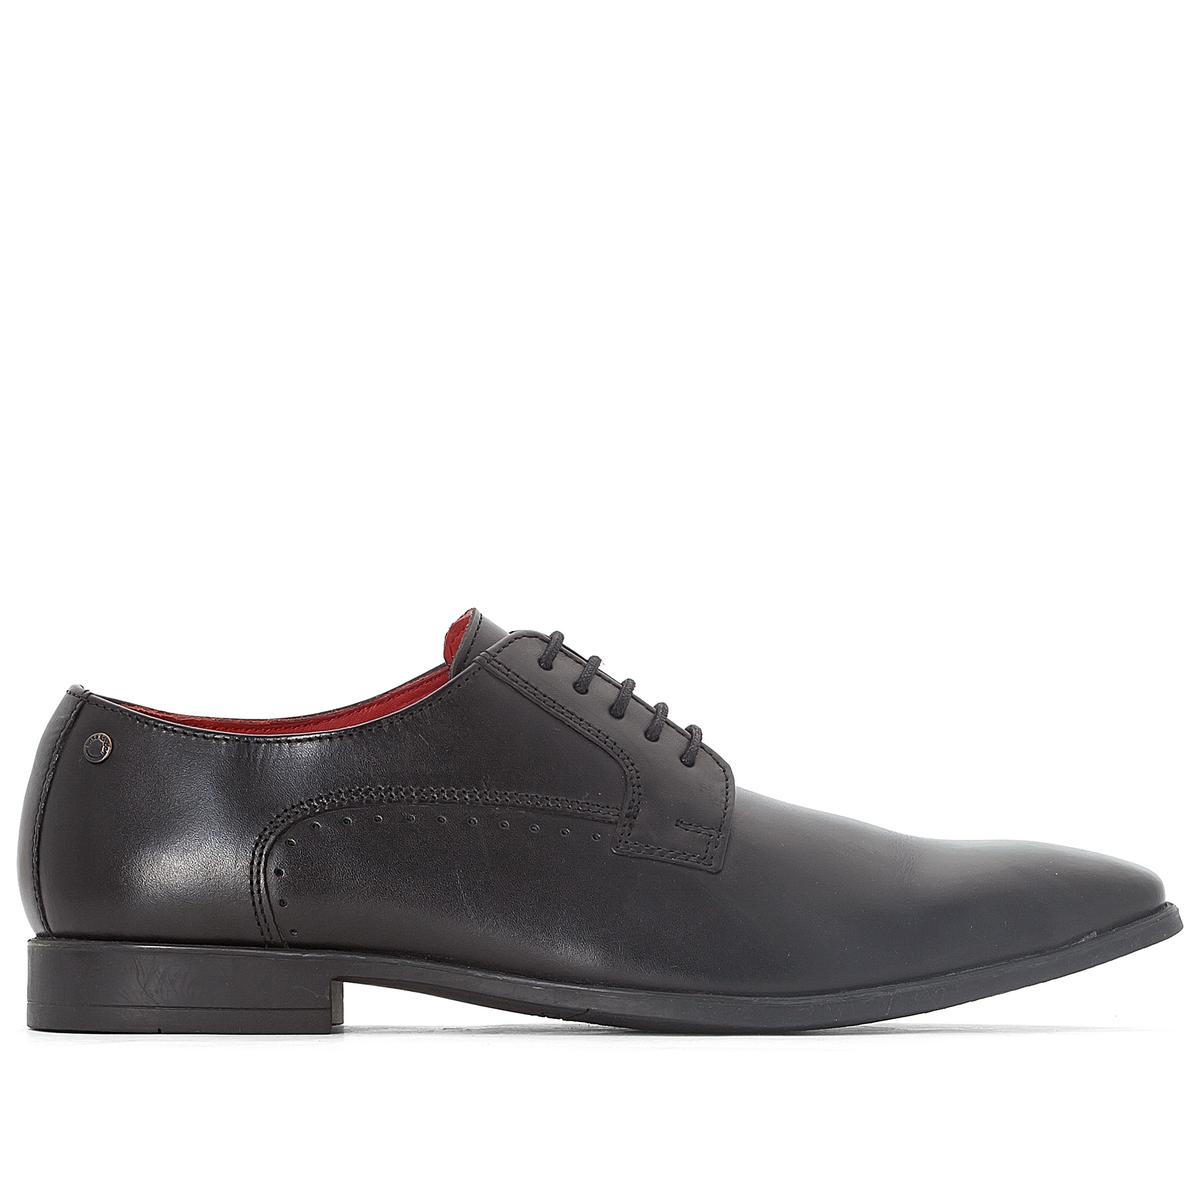 Ботинки-дерби кожаные PENNY ботинки дерби под кожу питона